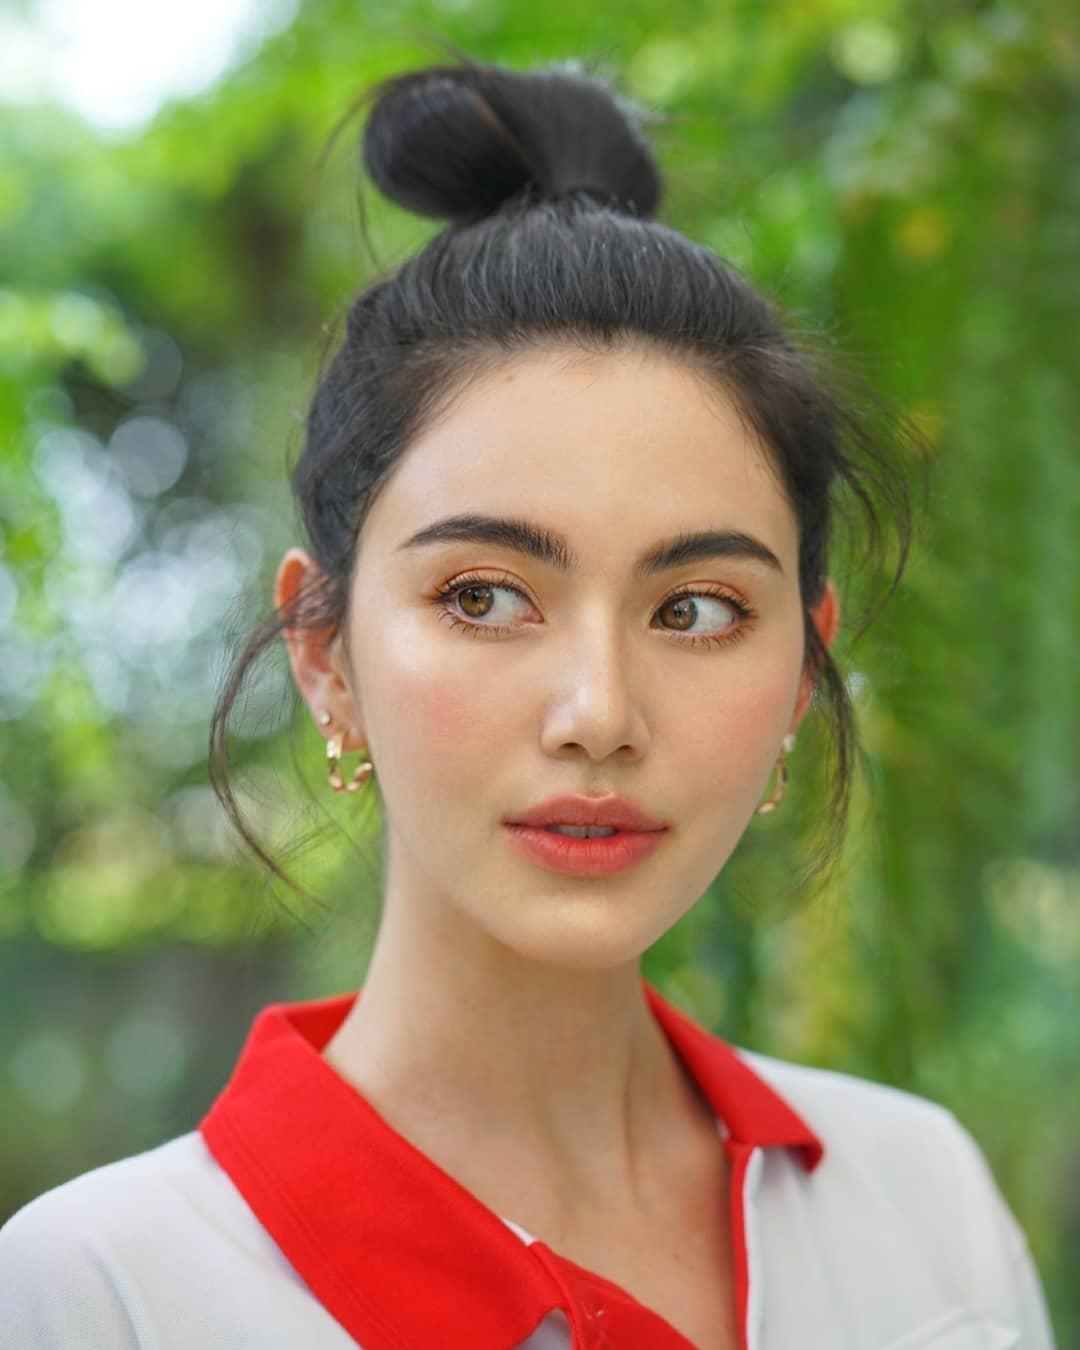 Học sao Hàn chán chê rồi, chị em nên học các mỹ nhân Thái 6 kiểu tóc tuyệt xinh này - Hình 7